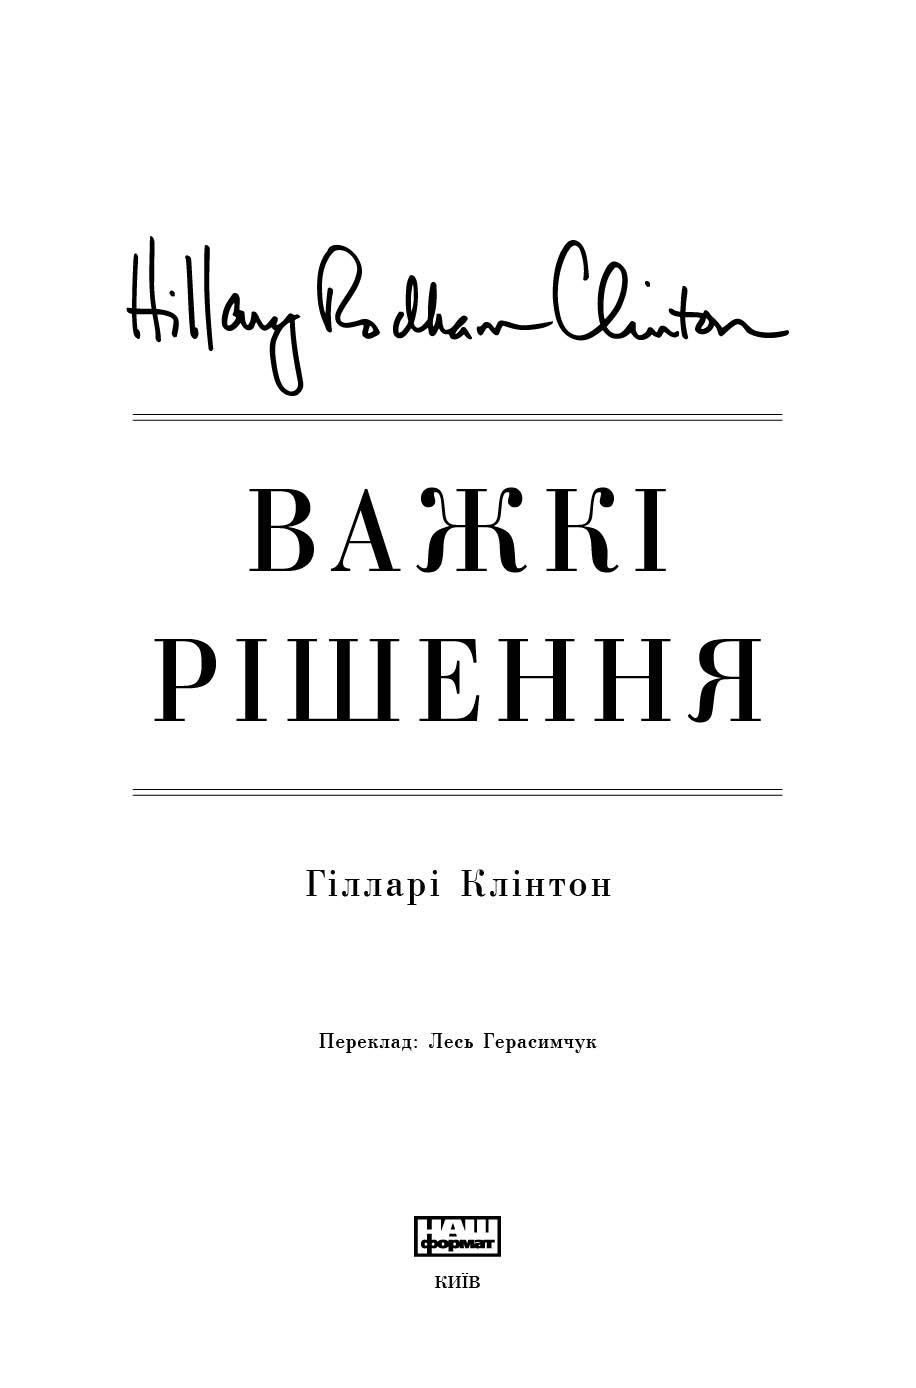 книга Важкі рішення клінтон 1